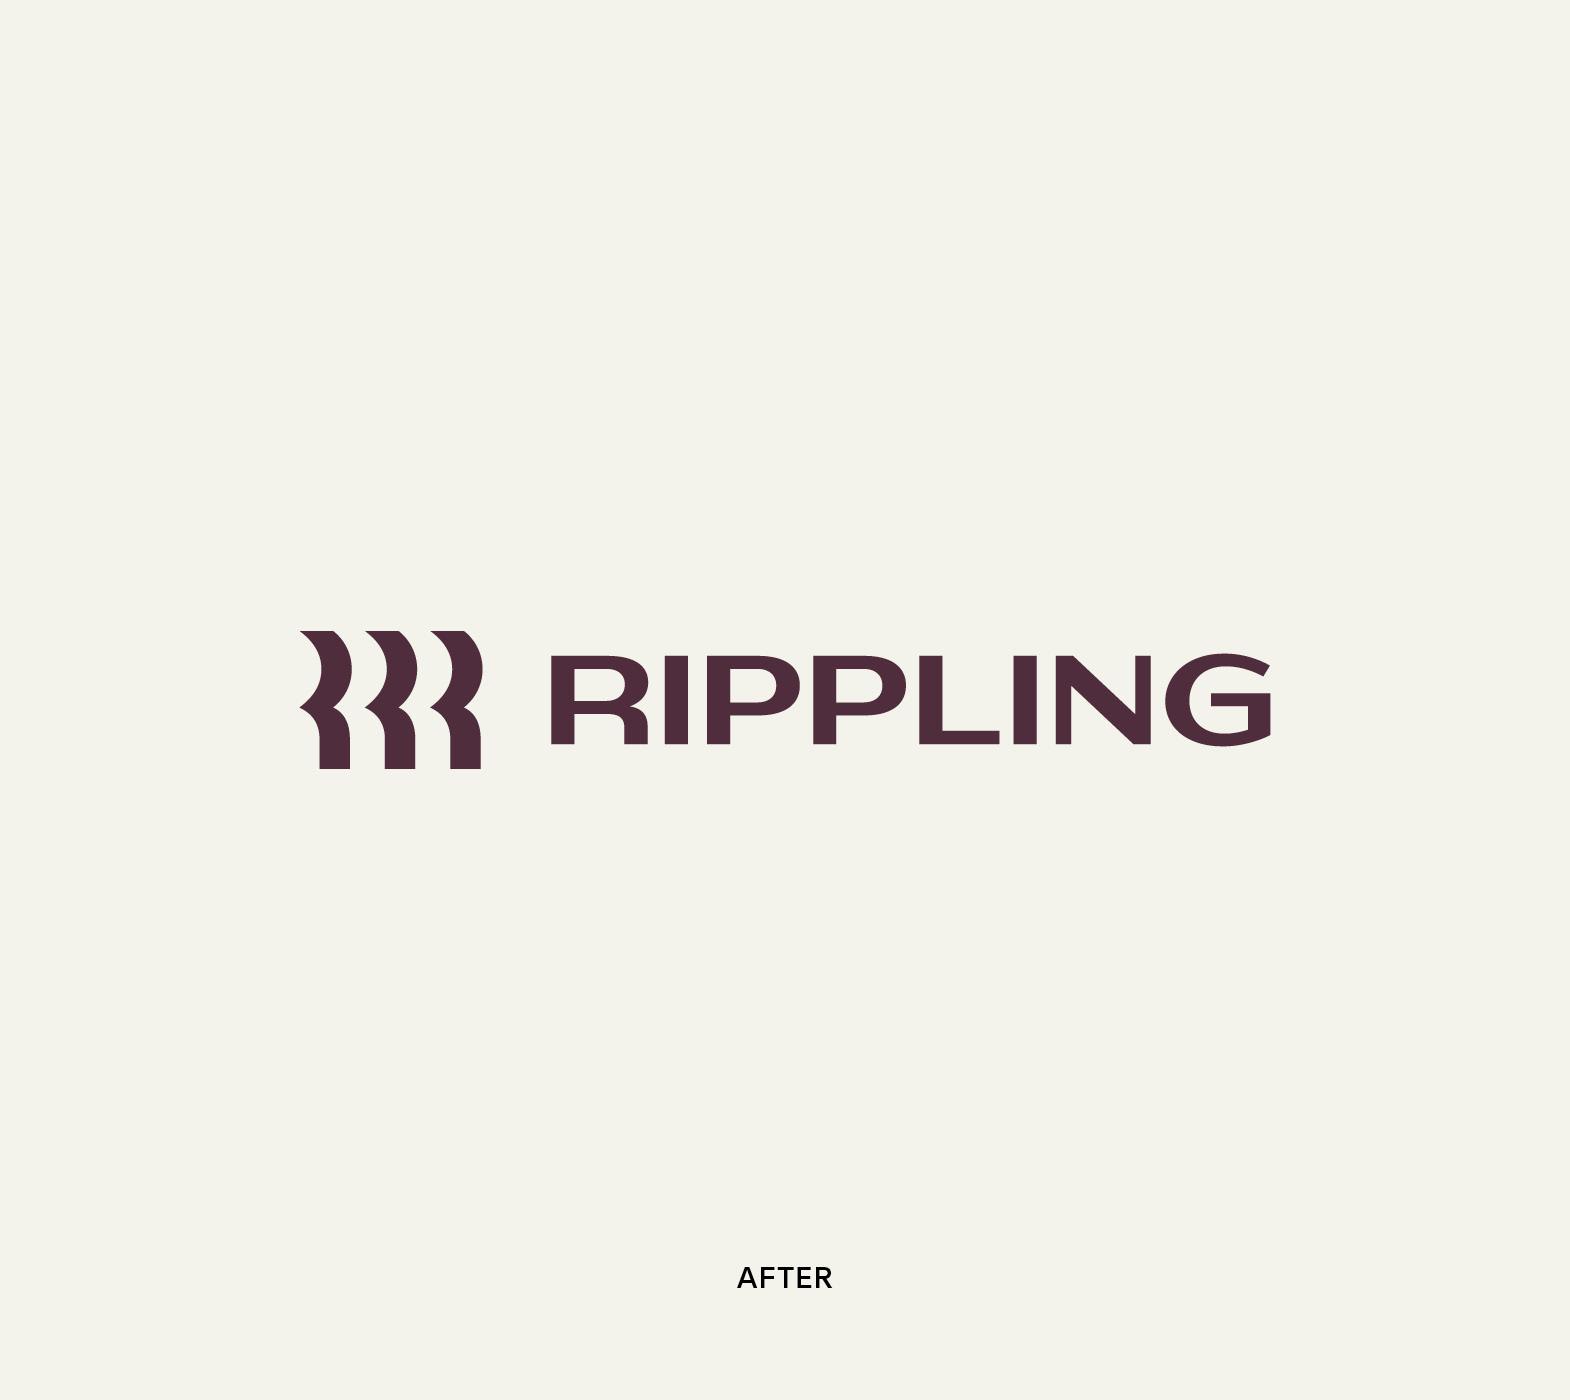 Wiesner.com_Cases_Rippling_Logo2